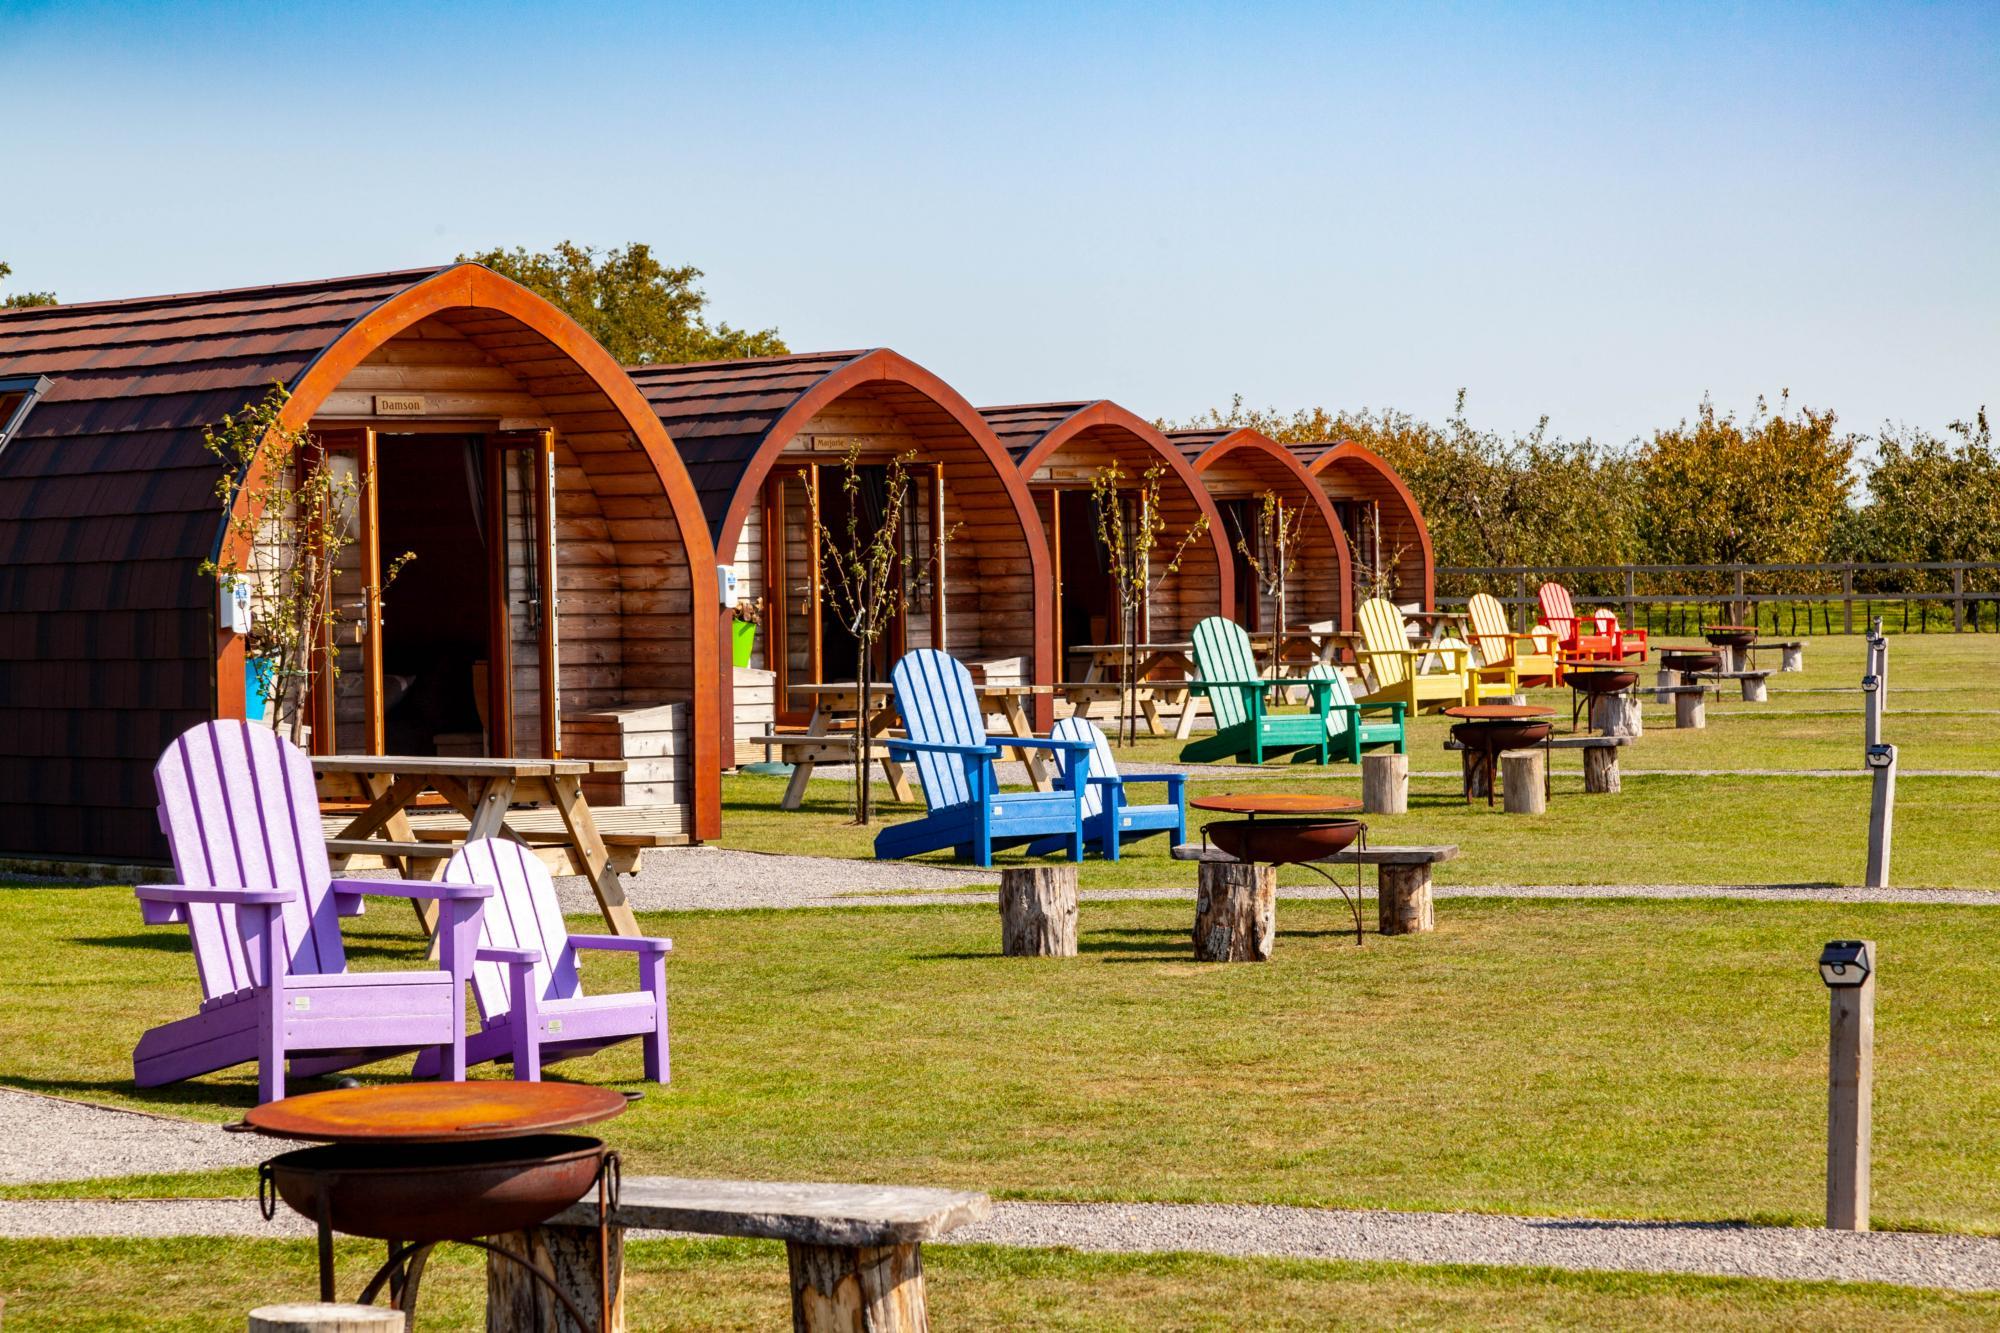 Campsites in Maidstone – I Love This Campsite